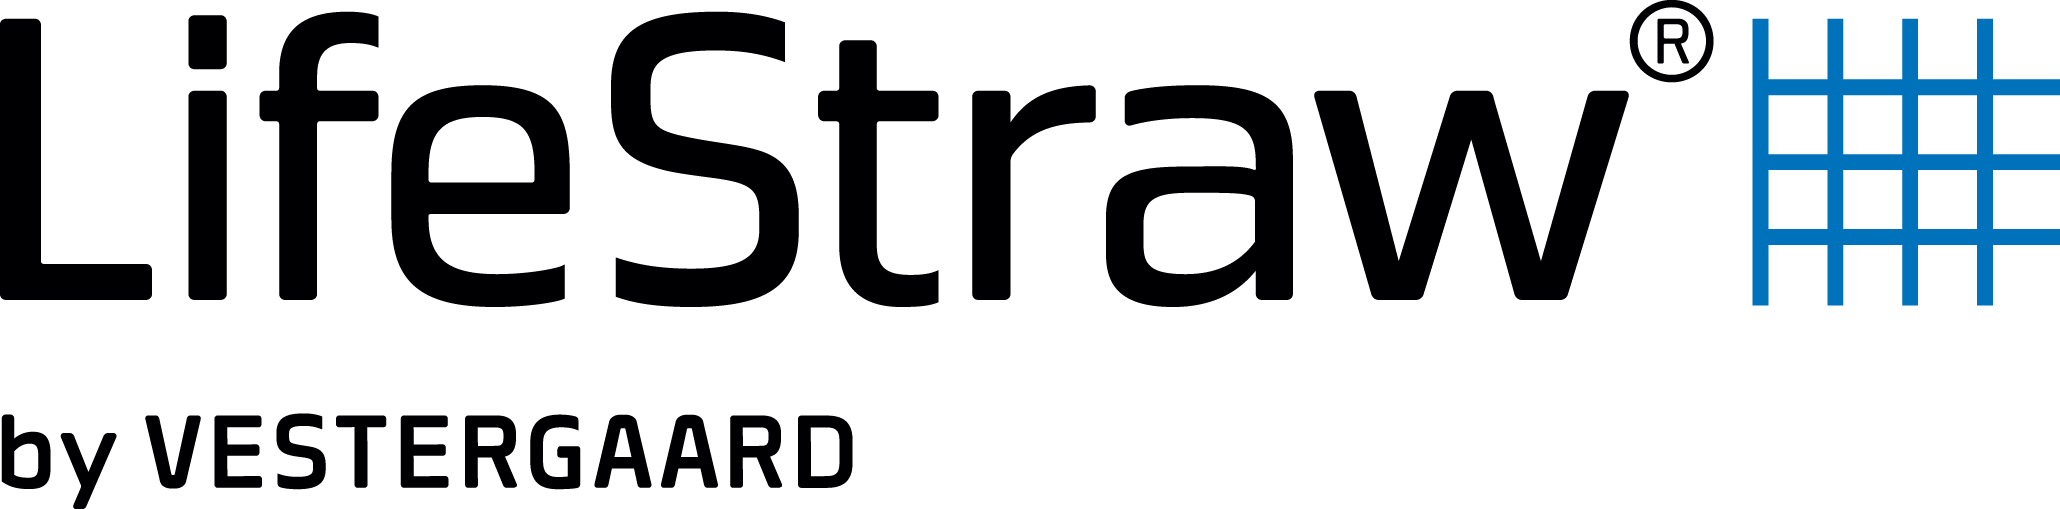 Logo lifestraw.png